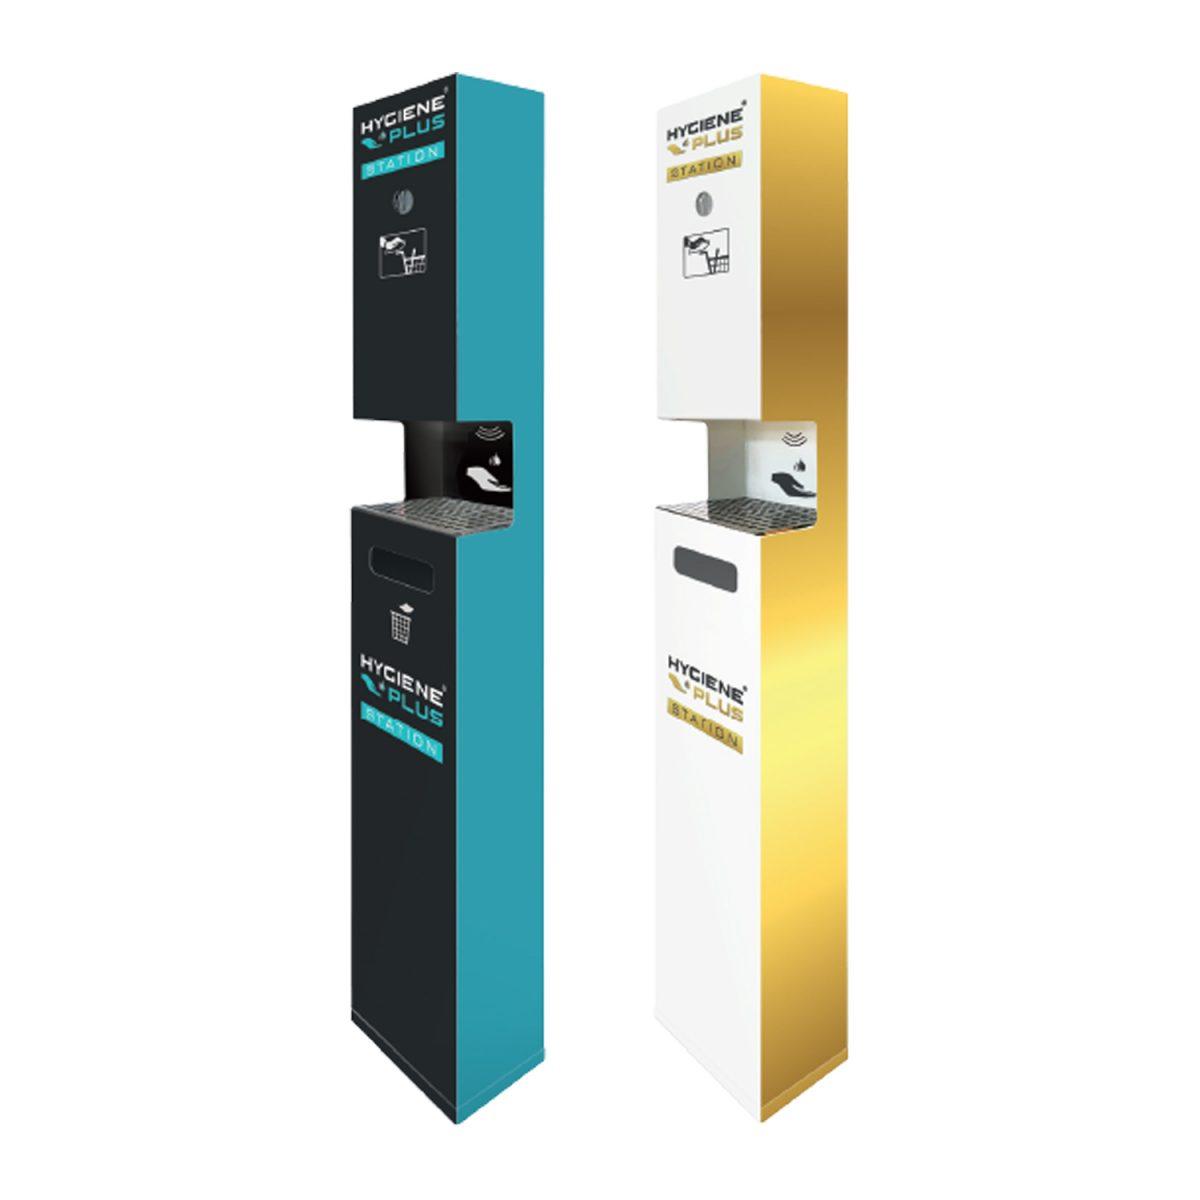 Hygiene Plus Premium Hygienestation individuell